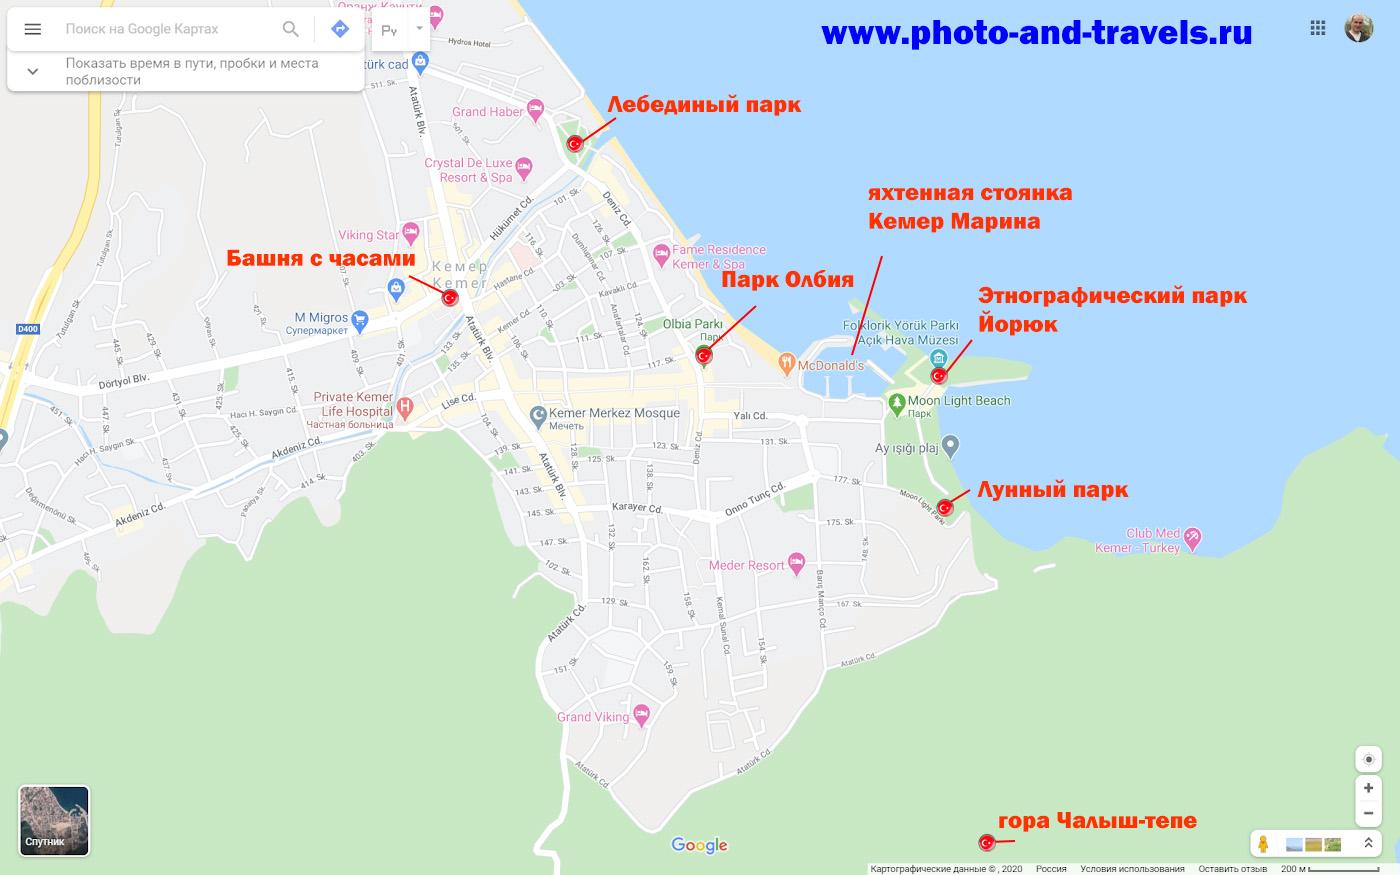 26. Карта достопримечательностей в самом Кемере.